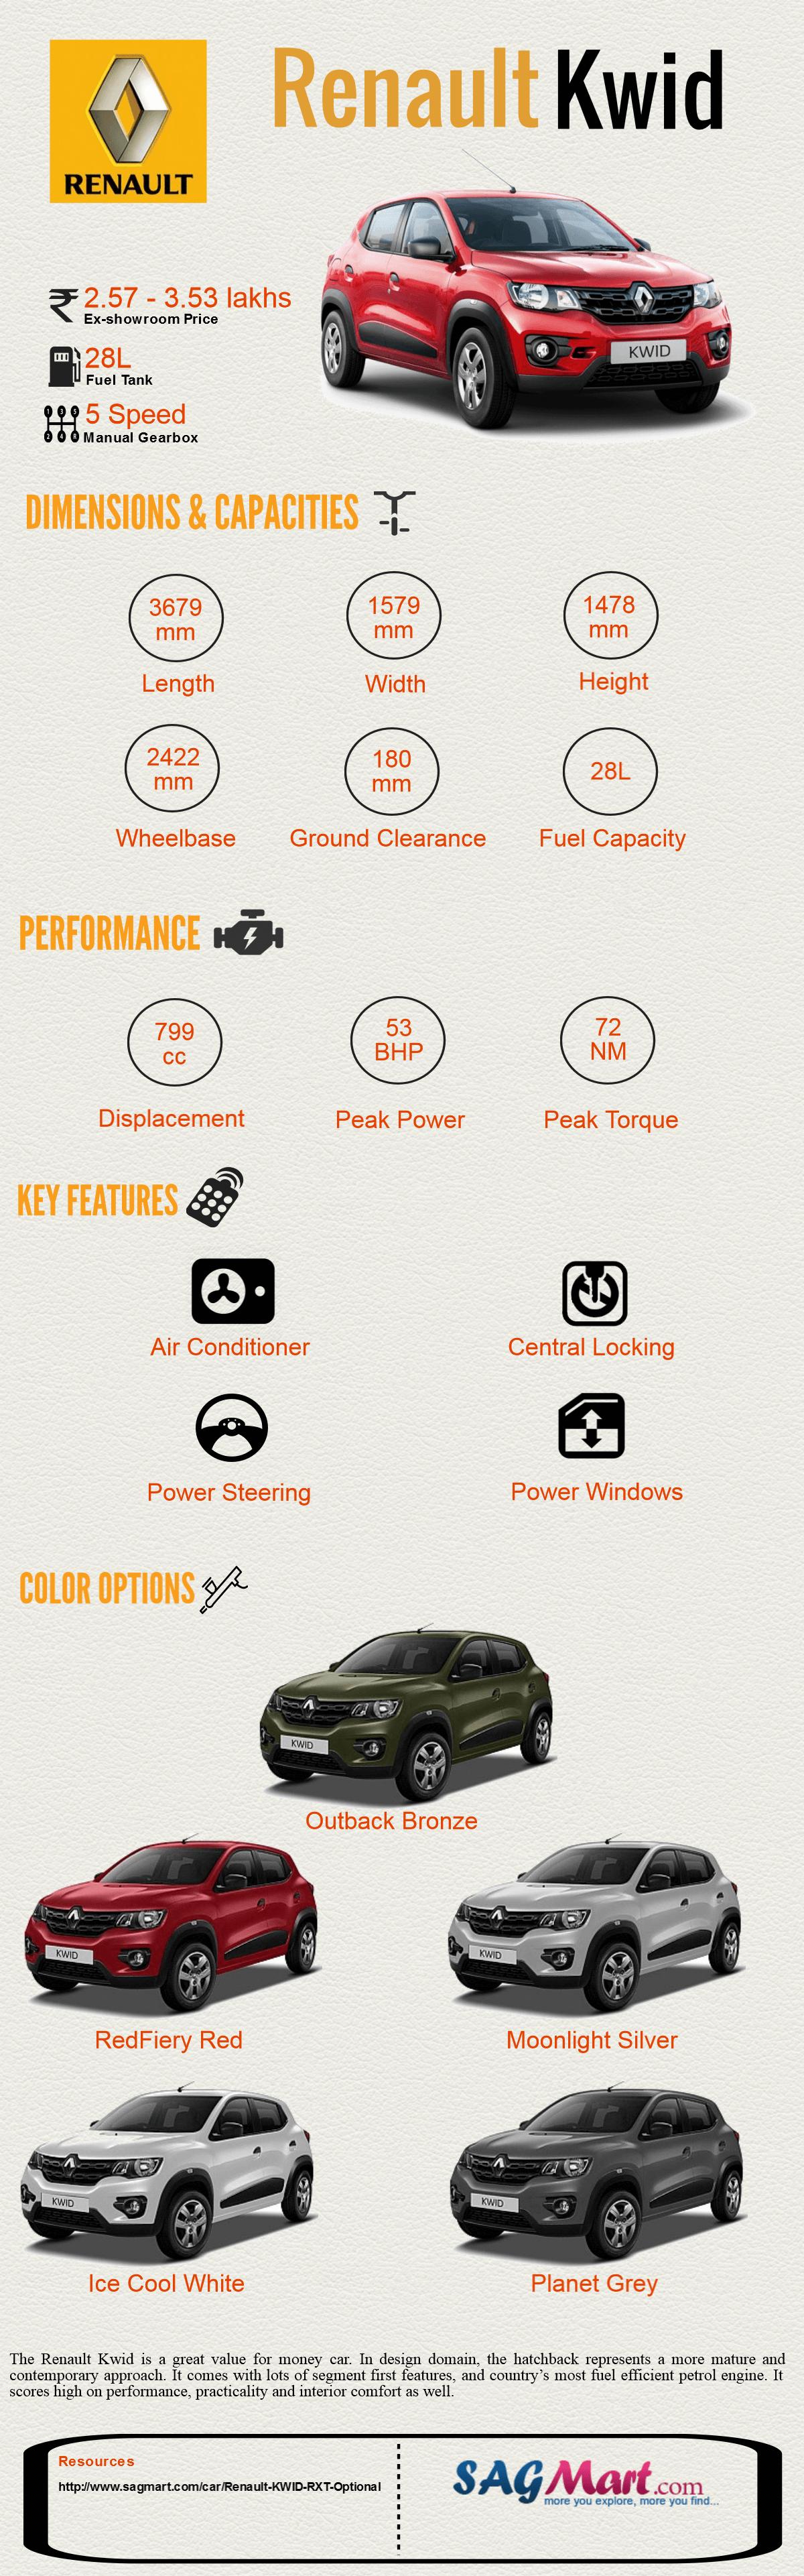 Renault Kwid India - Infographic